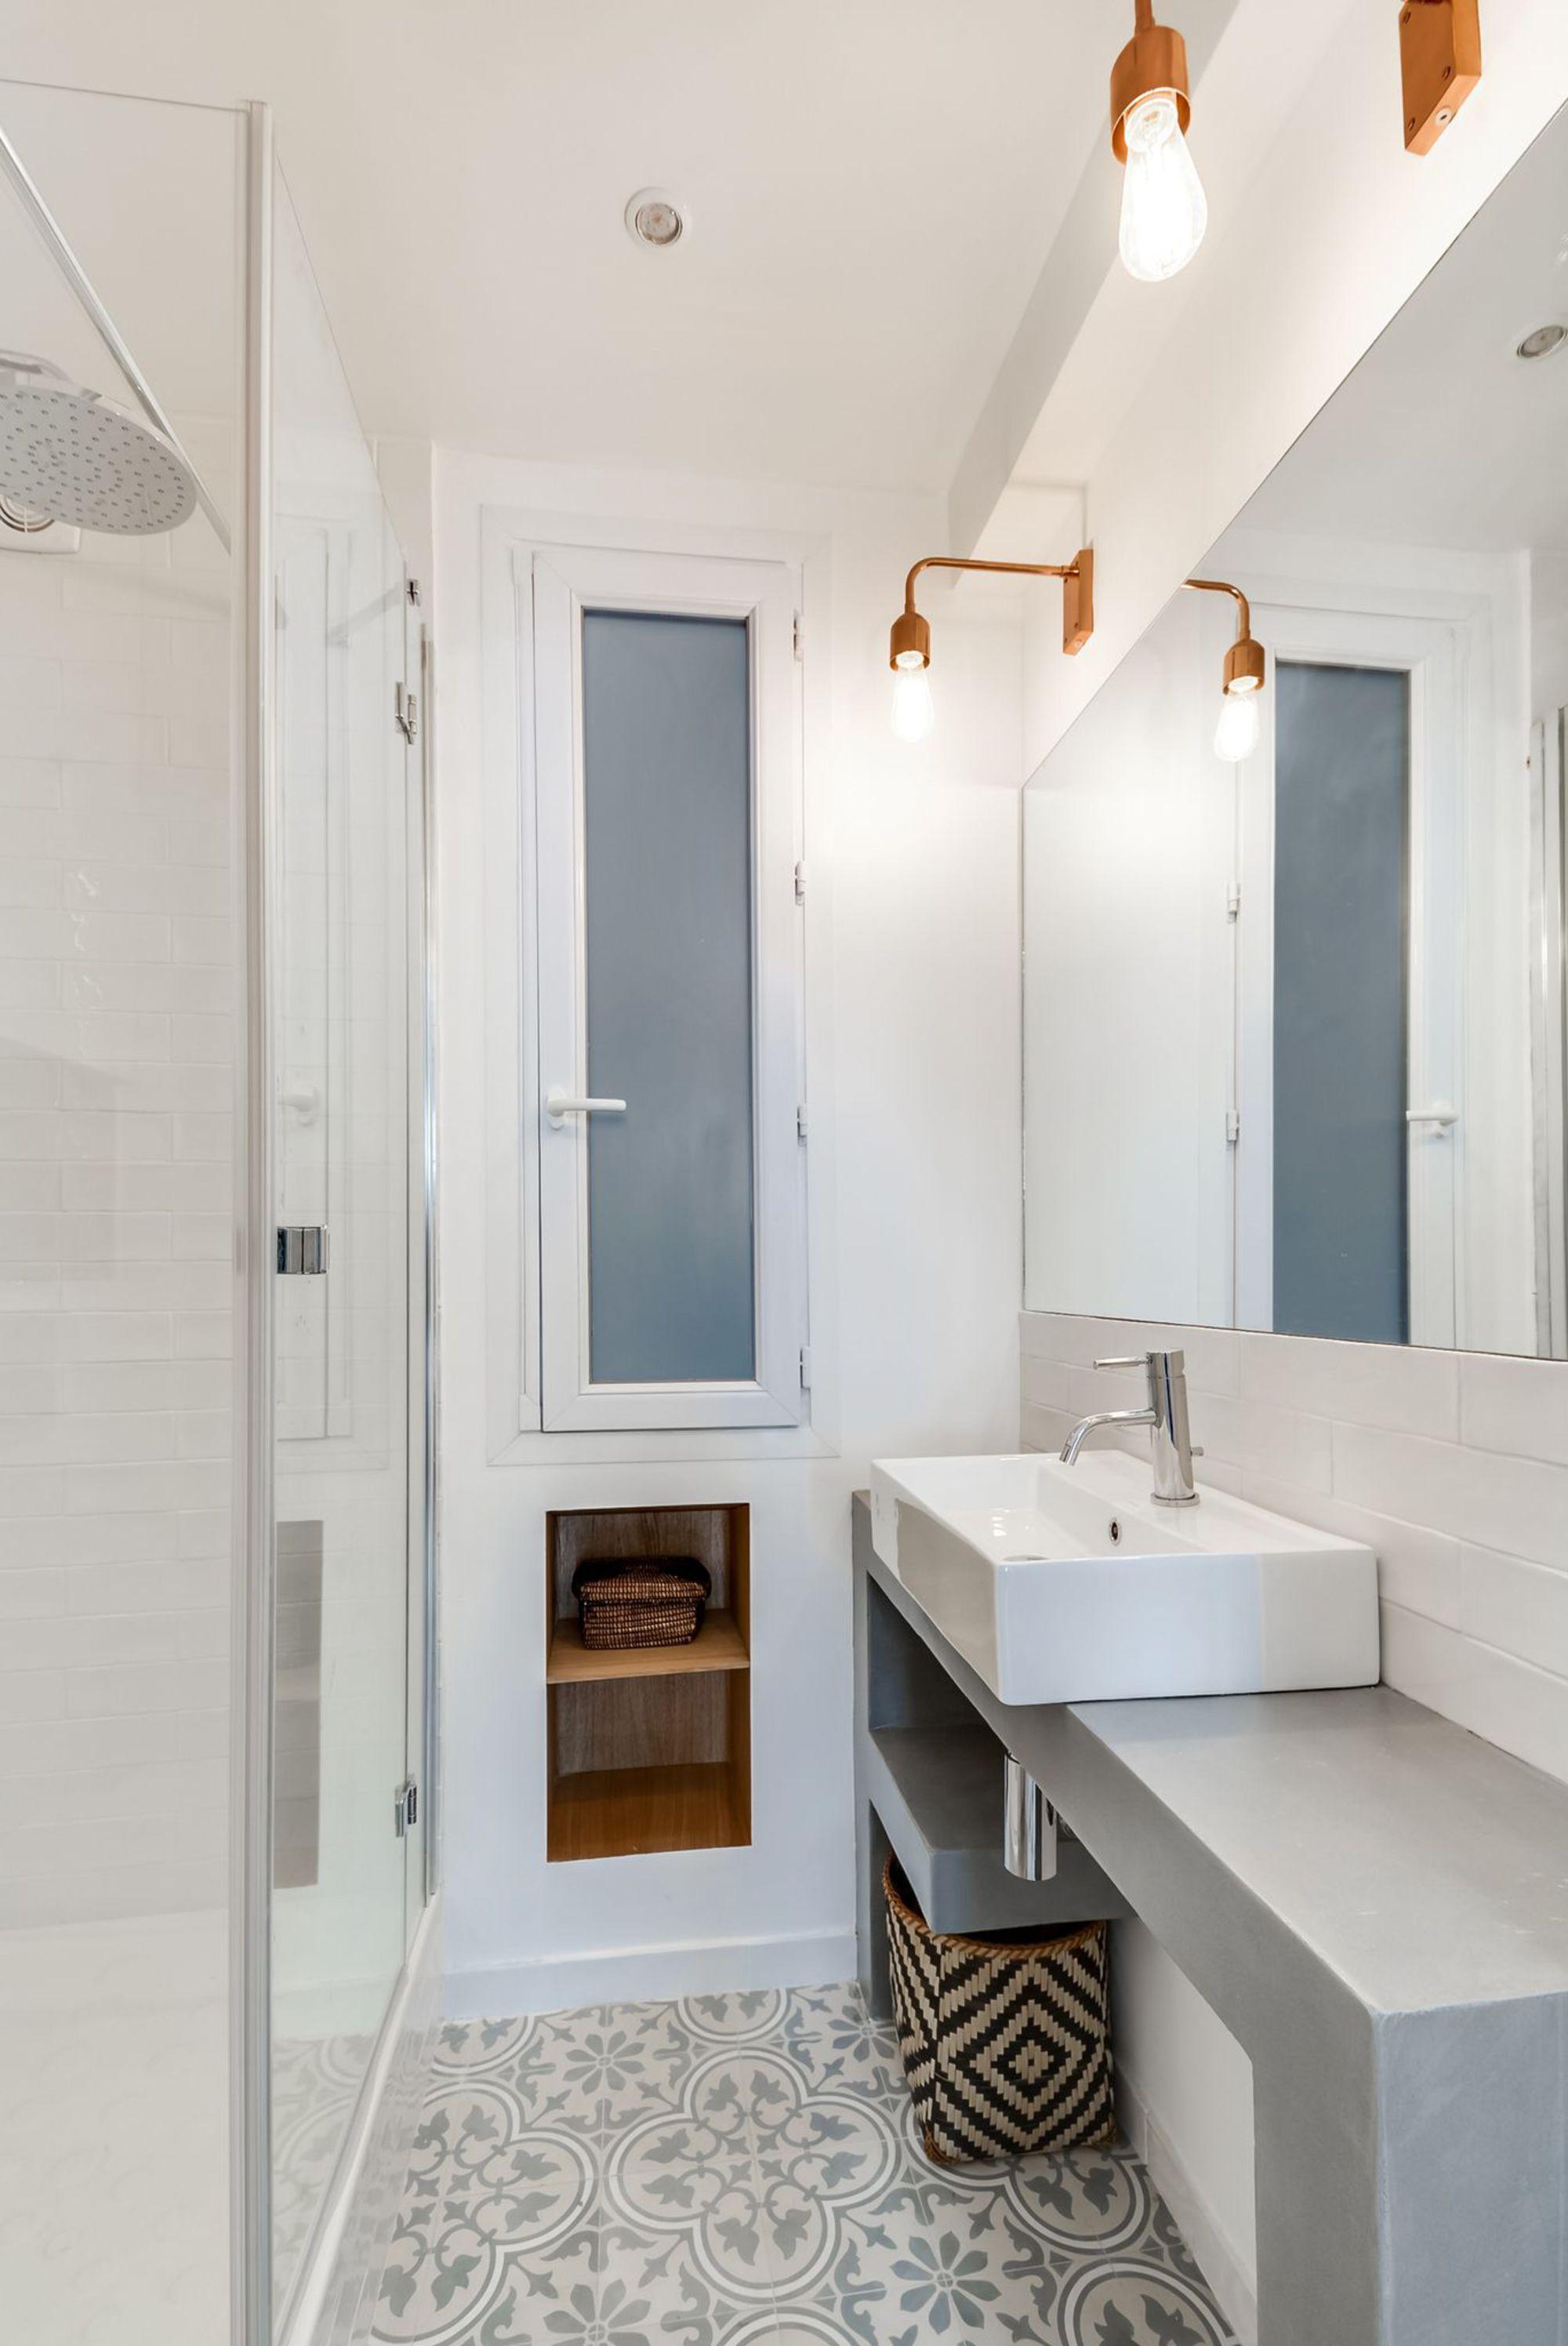 salle-de-bains-blanche-avec-carreaux-de-ciment_5588155